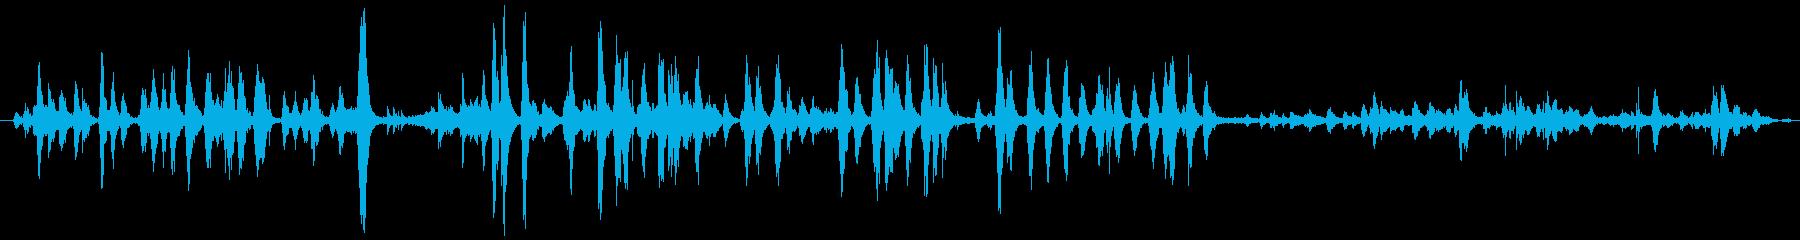 屋内犬の犬小屋:犬のBAえ、鳴き、...の再生済みの波形